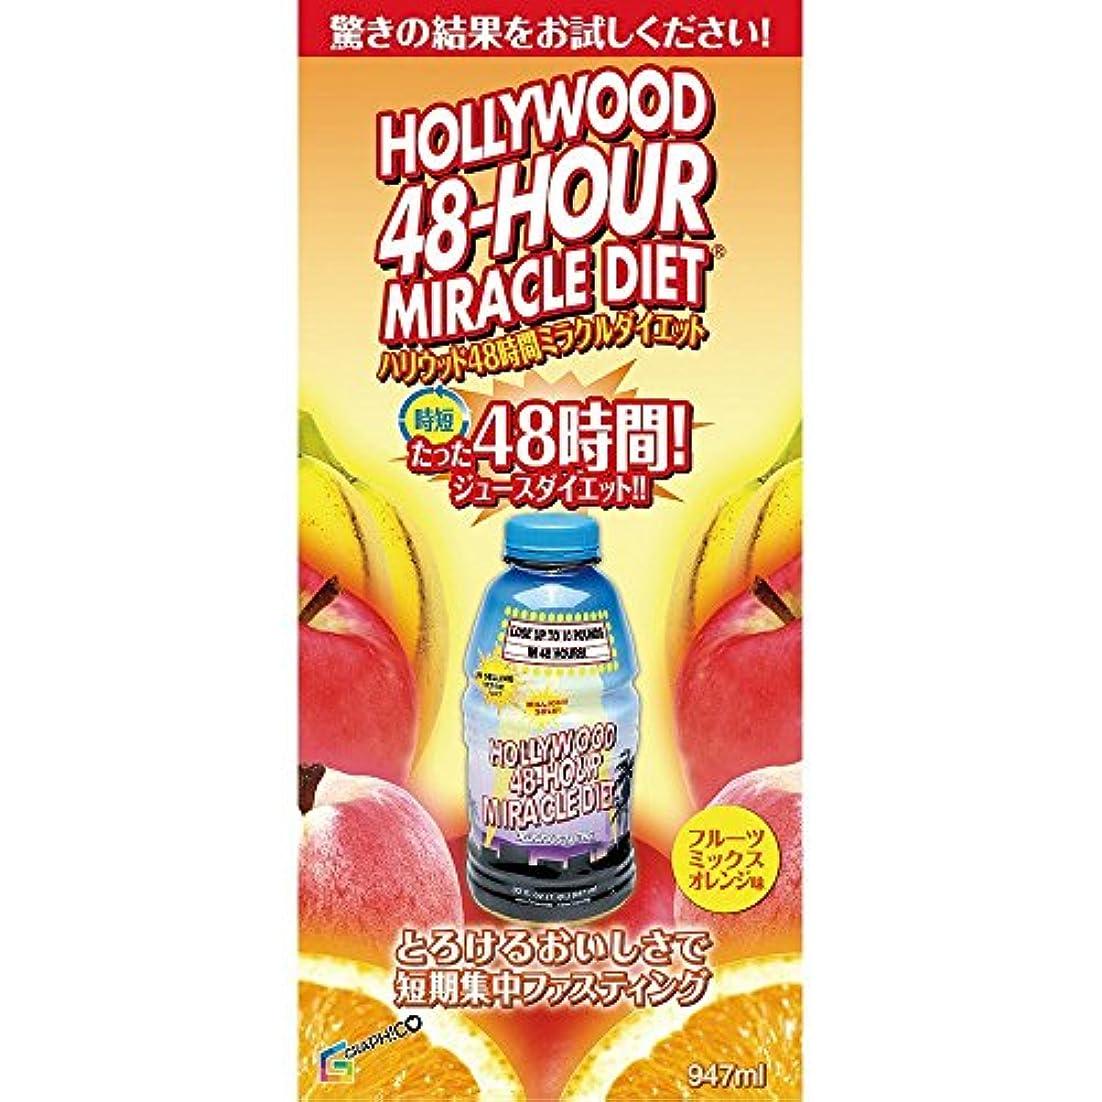 巡礼者激しい煩わしいハリウッド48時間 ミラクルダイエット (フルーツミックスオレンジ味) 947ml